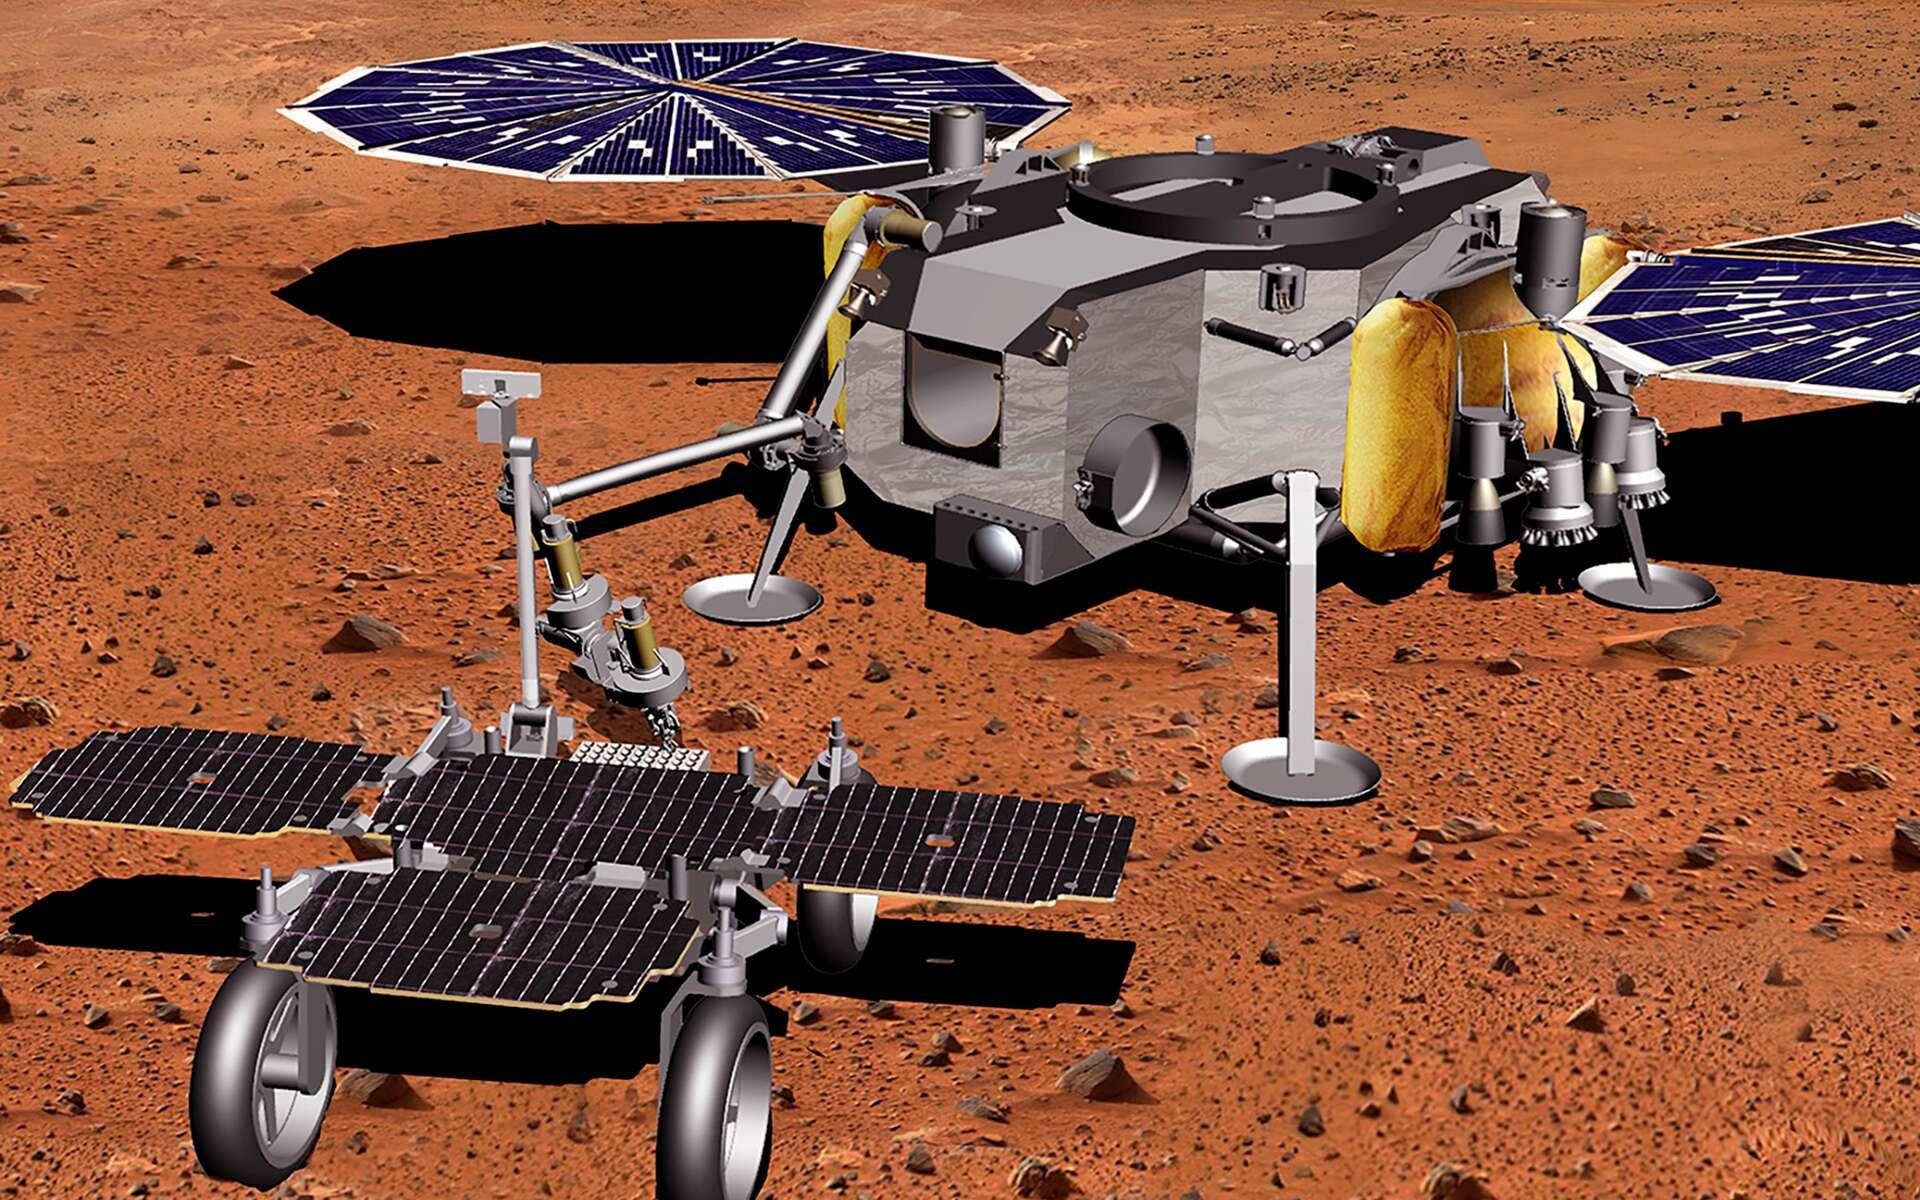 Vue d'artiste du Fetch rover de la mission de retour d'échantillons martiens de la Nasa et de l'ESA. Ce rover, réalisé par Airbus, devra récupérer les échantillons collectés par le rover Perseverance de la Nasa, puis de les apporter au MAV qui les enverra en orbite martienne. © Nasa, JPL